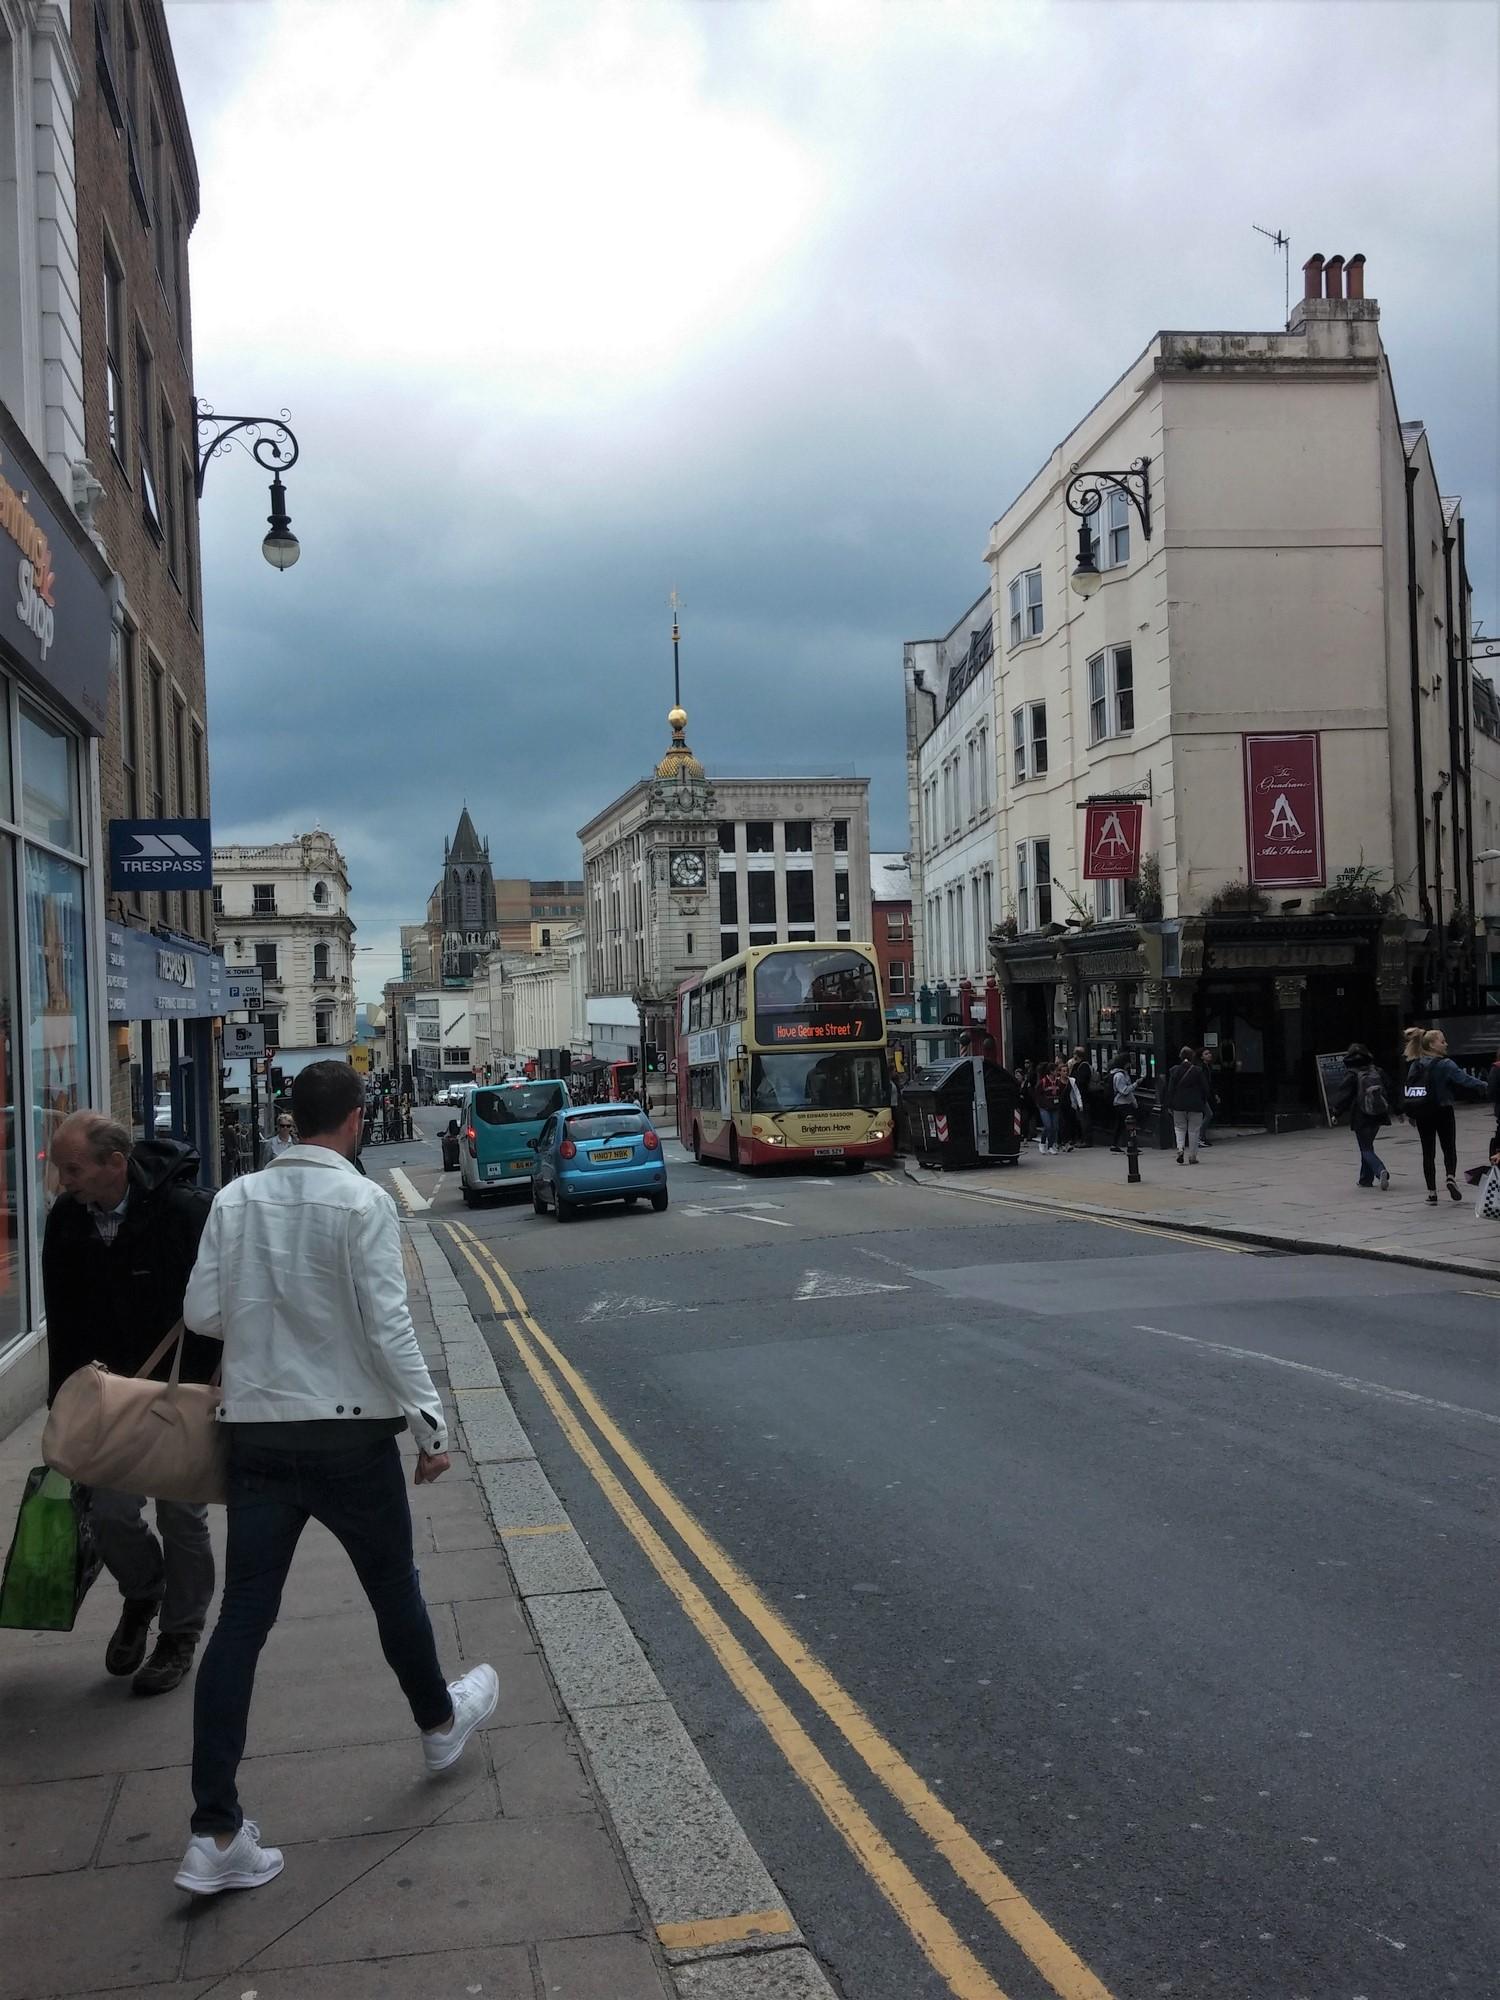 Brighton : Derrière le bus, la Brighton Clock Tower, construite en 1888 pour le jubilé d'or de la reine Victoria